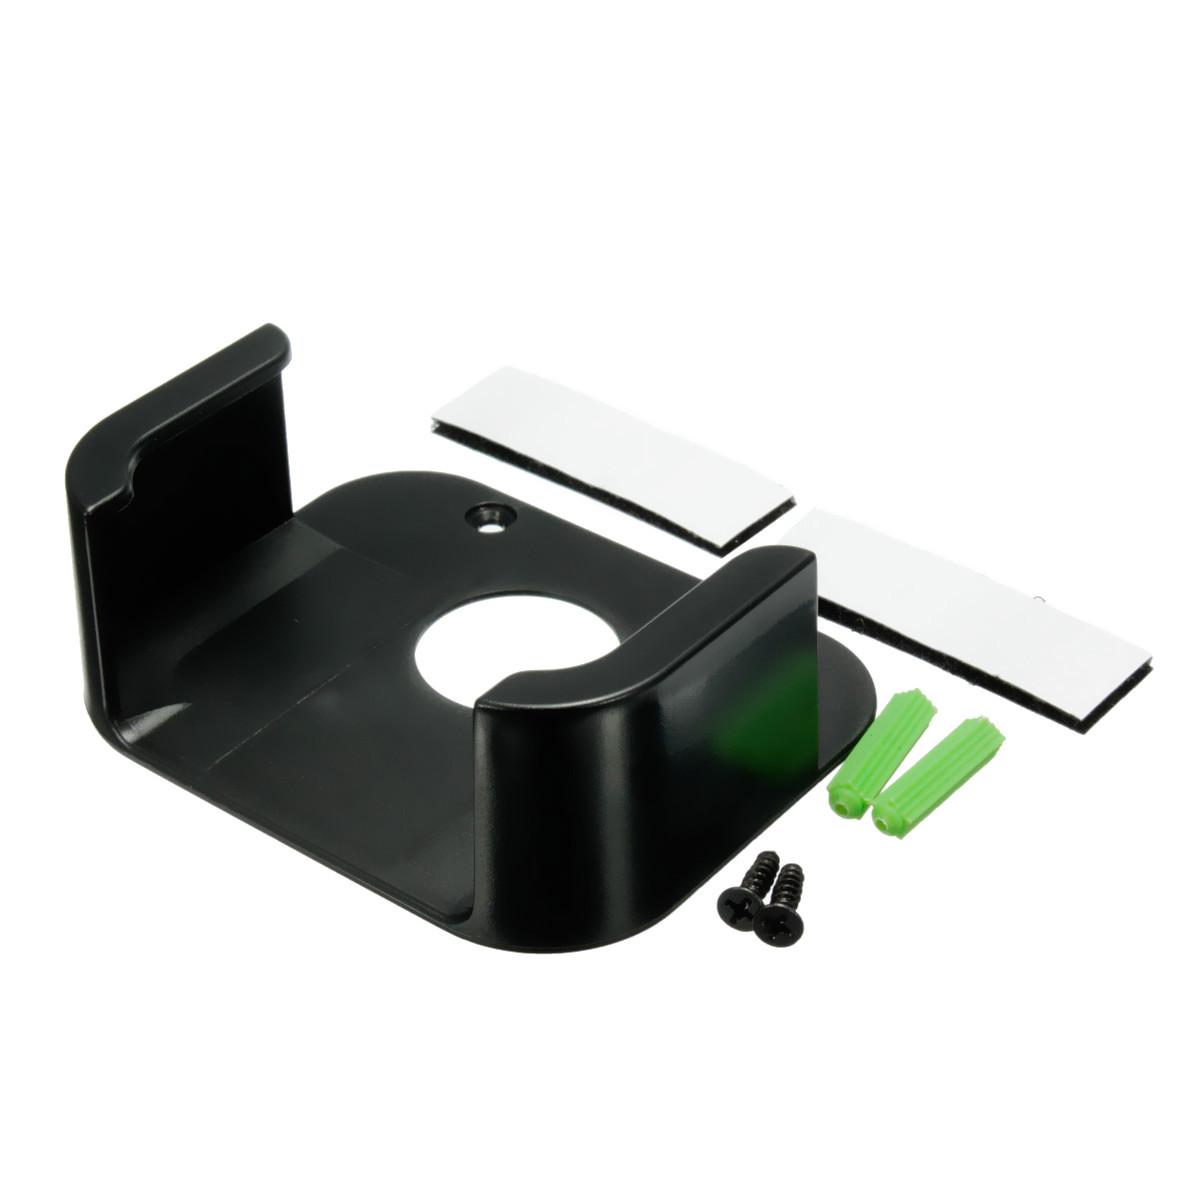 Настенный кронштейн для медиаплеера Чехол Держатель для подставки под Apple TV 4 Gen